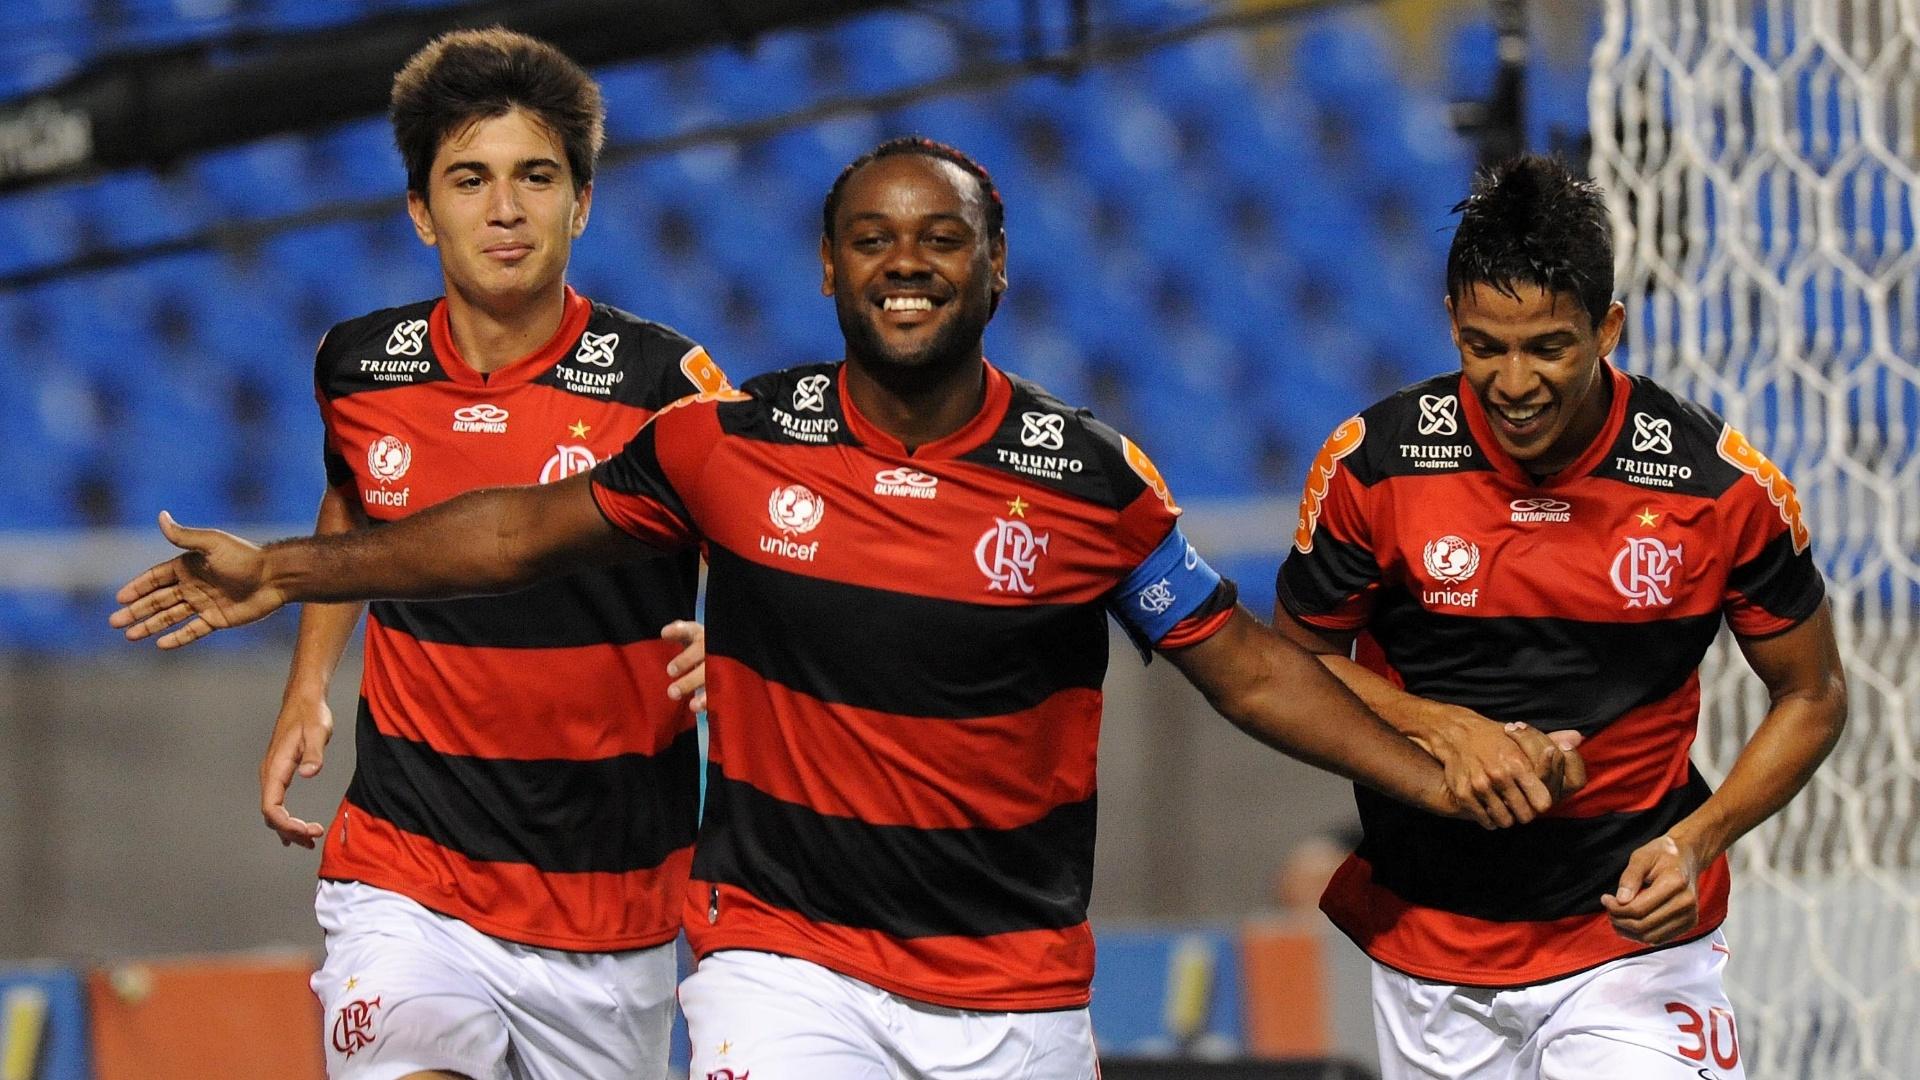 01.dez.2012 - Vagner Love comemora o segundo gol do Flamengo na partida contra o Botafogo